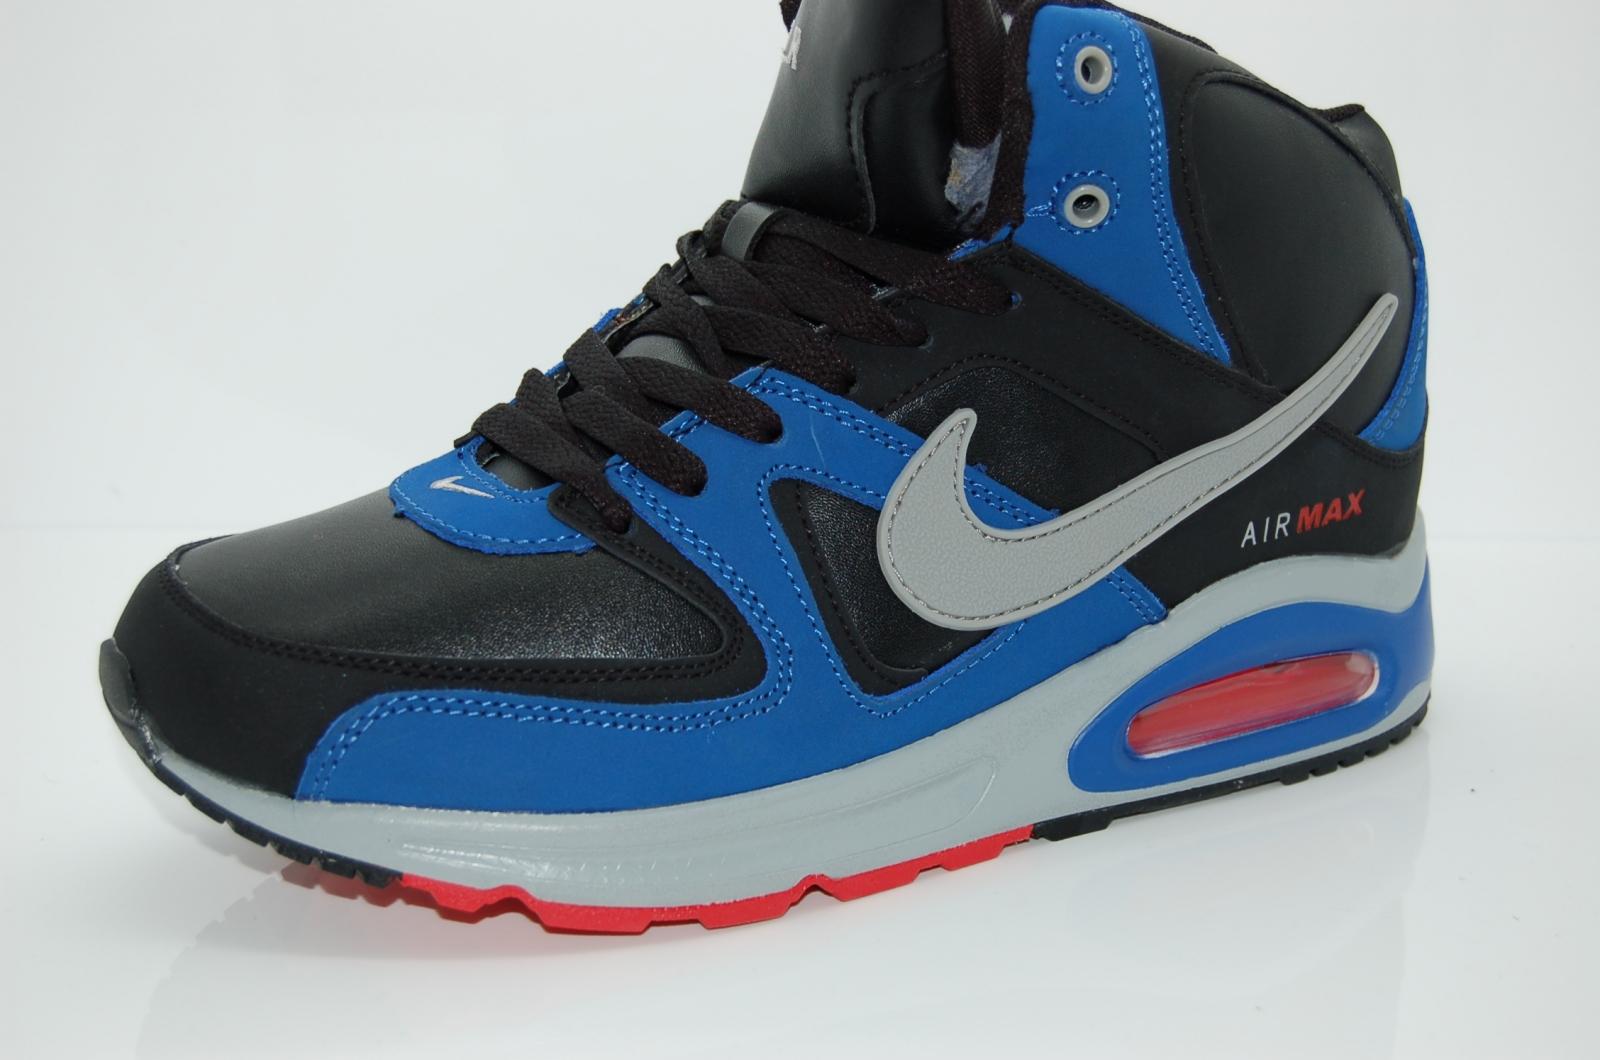 ... Зимние кроссовки Nike air max skyline арт.238 черный синий красный  (black 23d8664ca6d